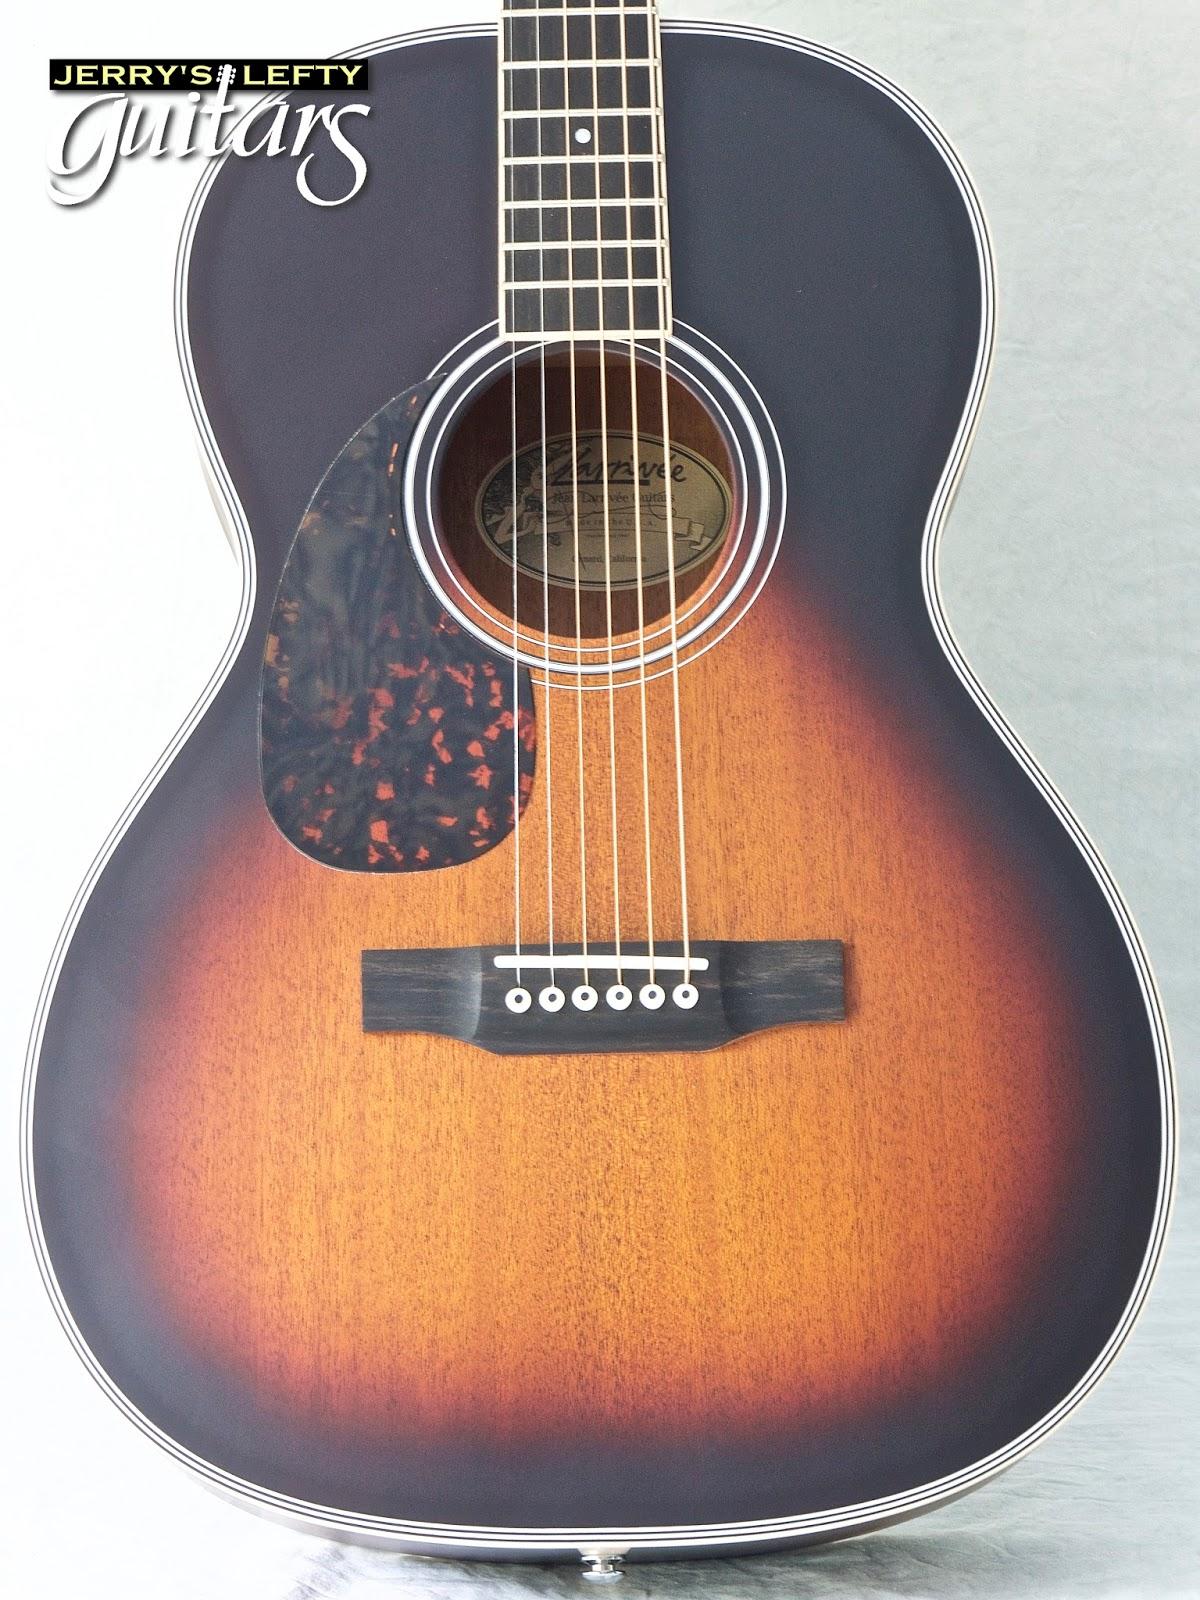 Vintage left handed guitar phrase